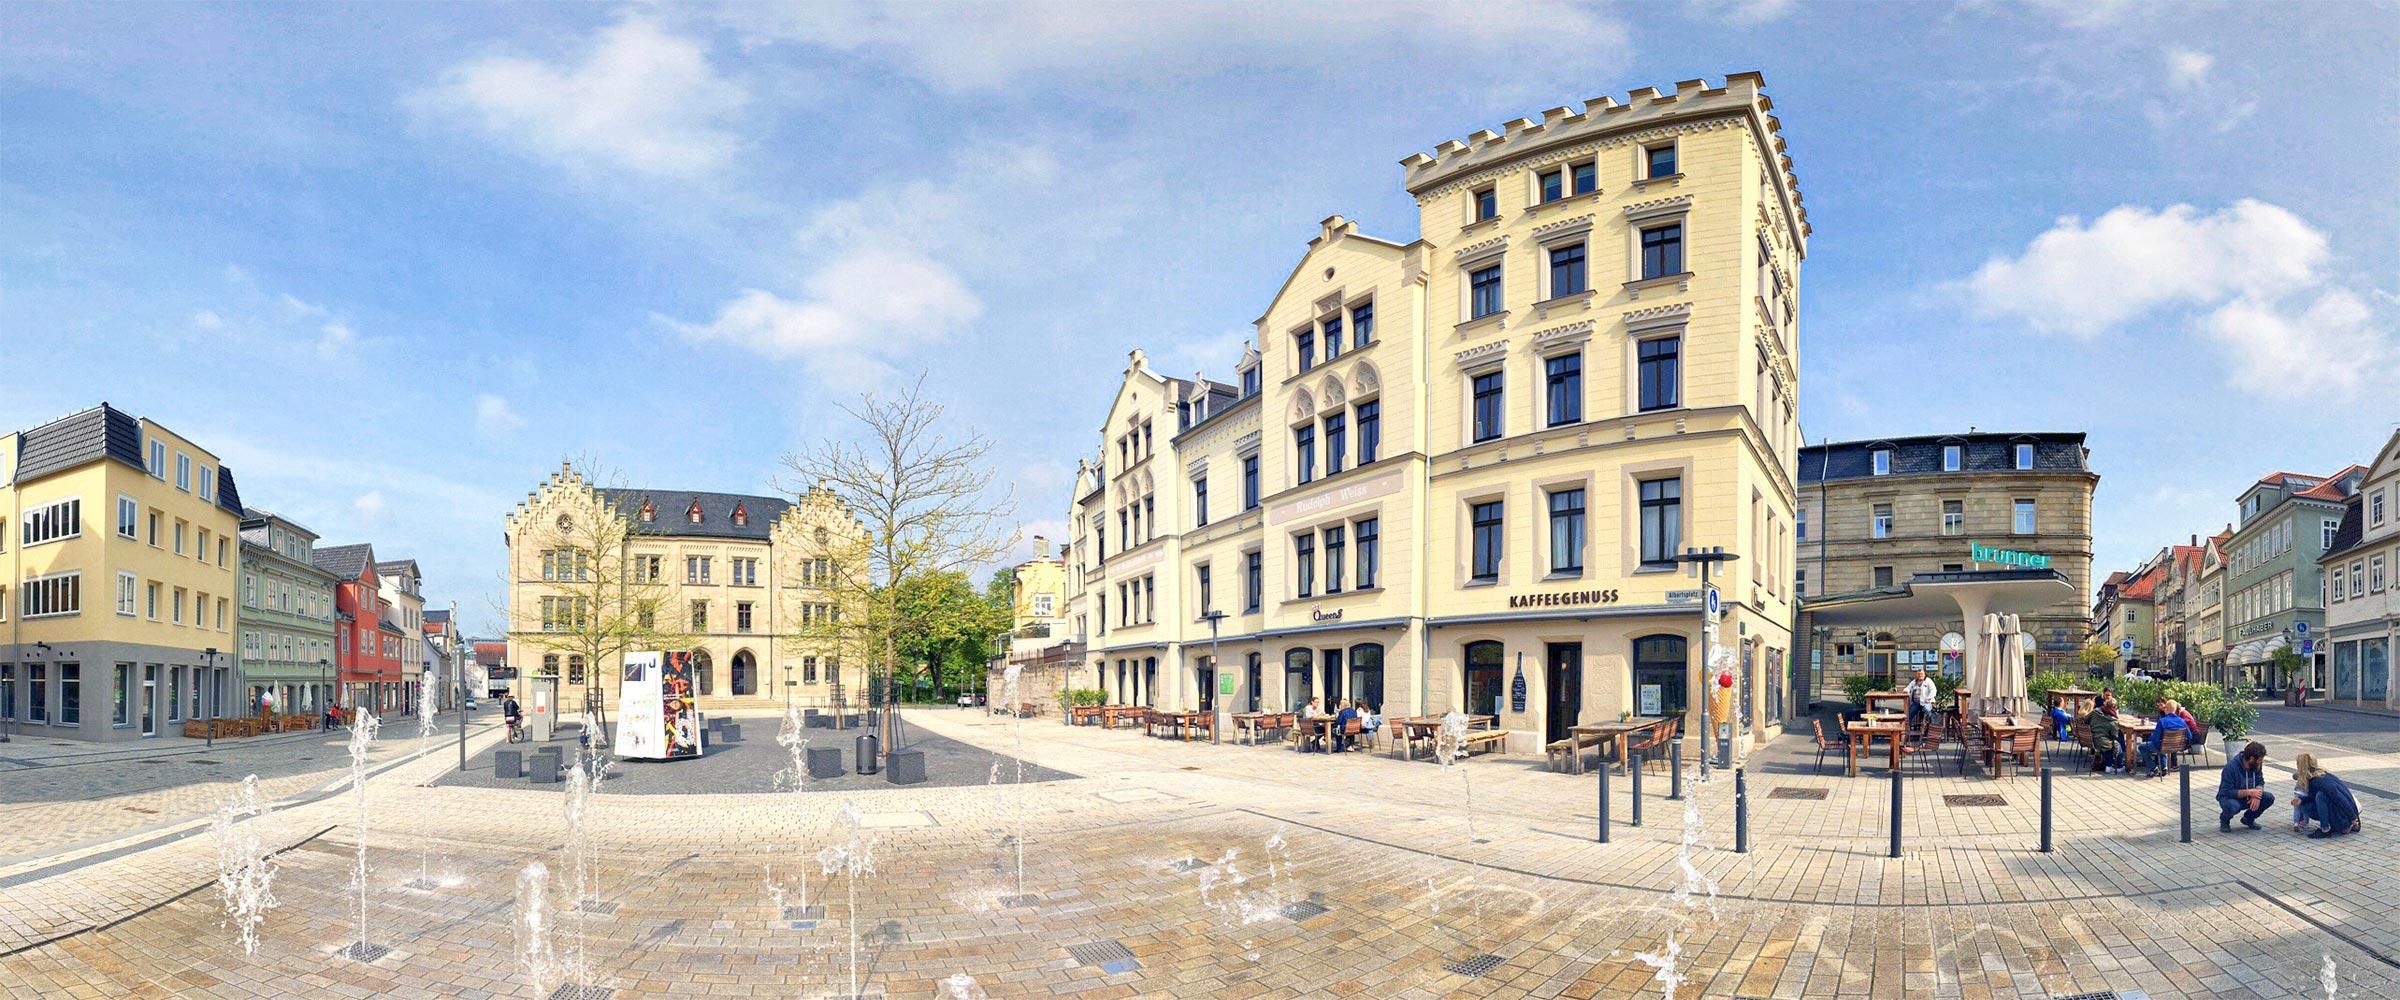 banner_albertsplatz-1